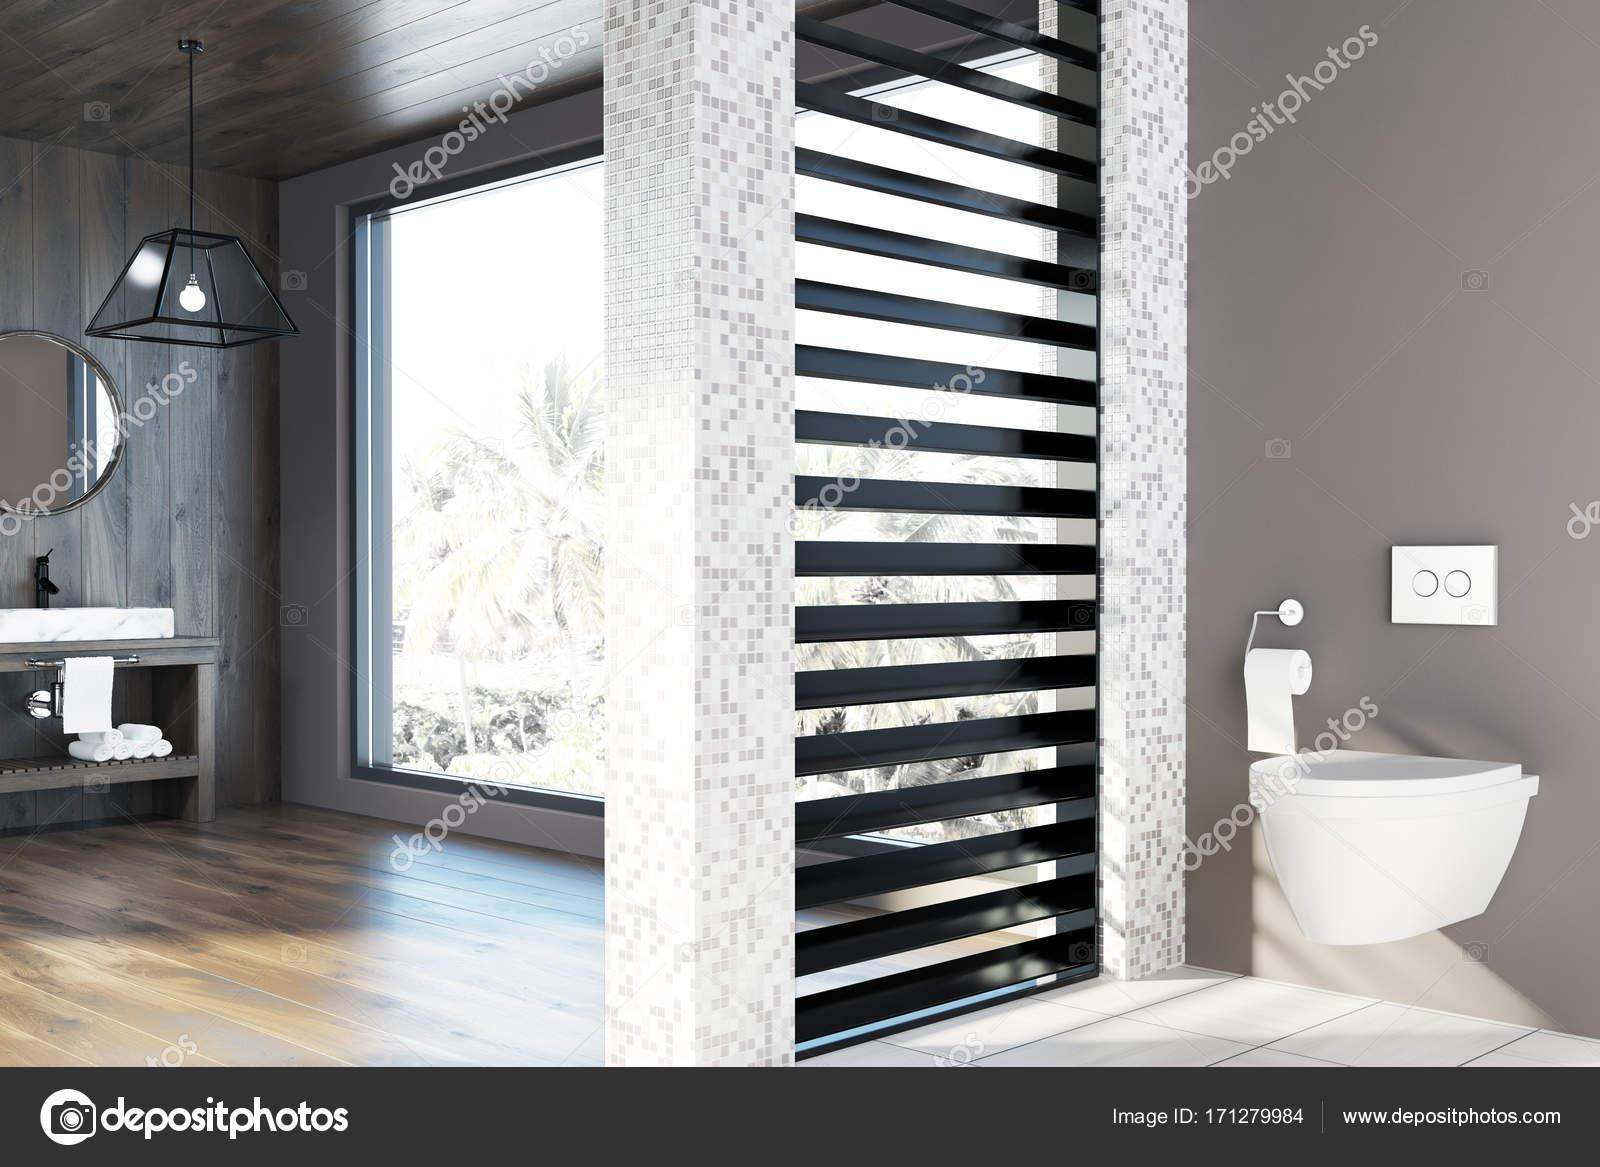 Kleine Wasbak Toilet : Witte tegels en houten wc wastafel toilet u2014 stockfoto